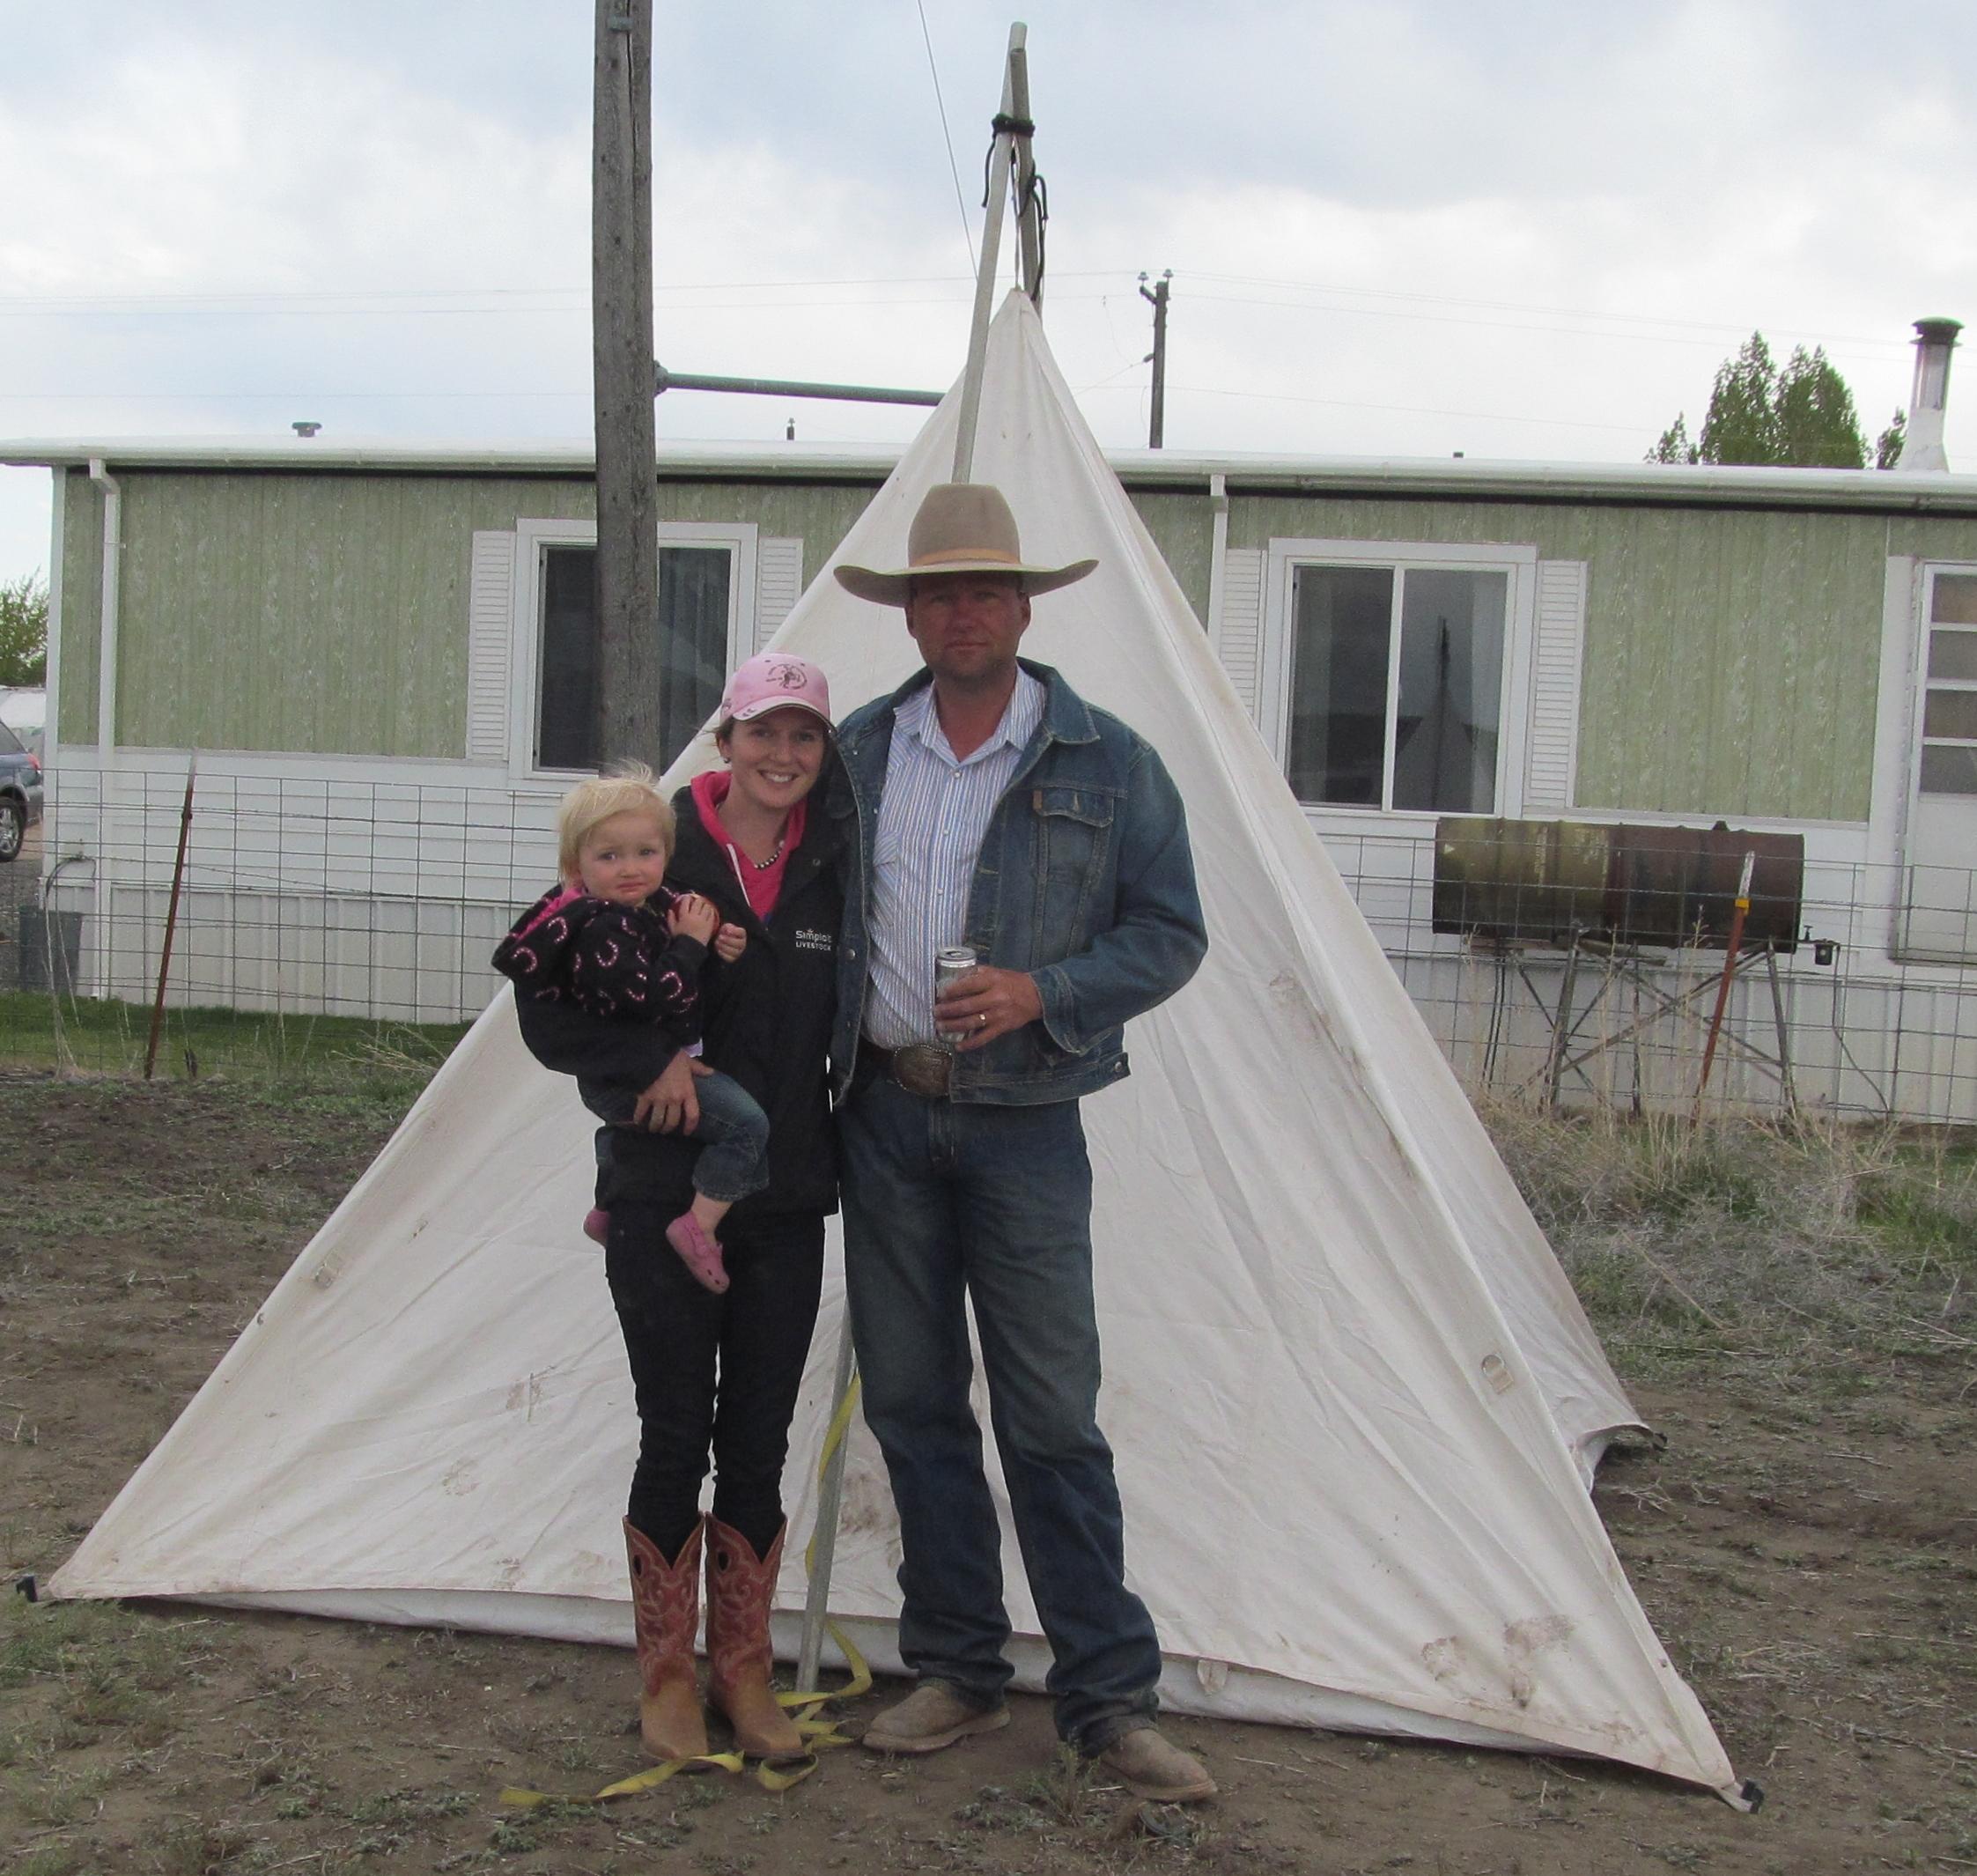 & Cowboy teepee - .:: CavvySavvy.com